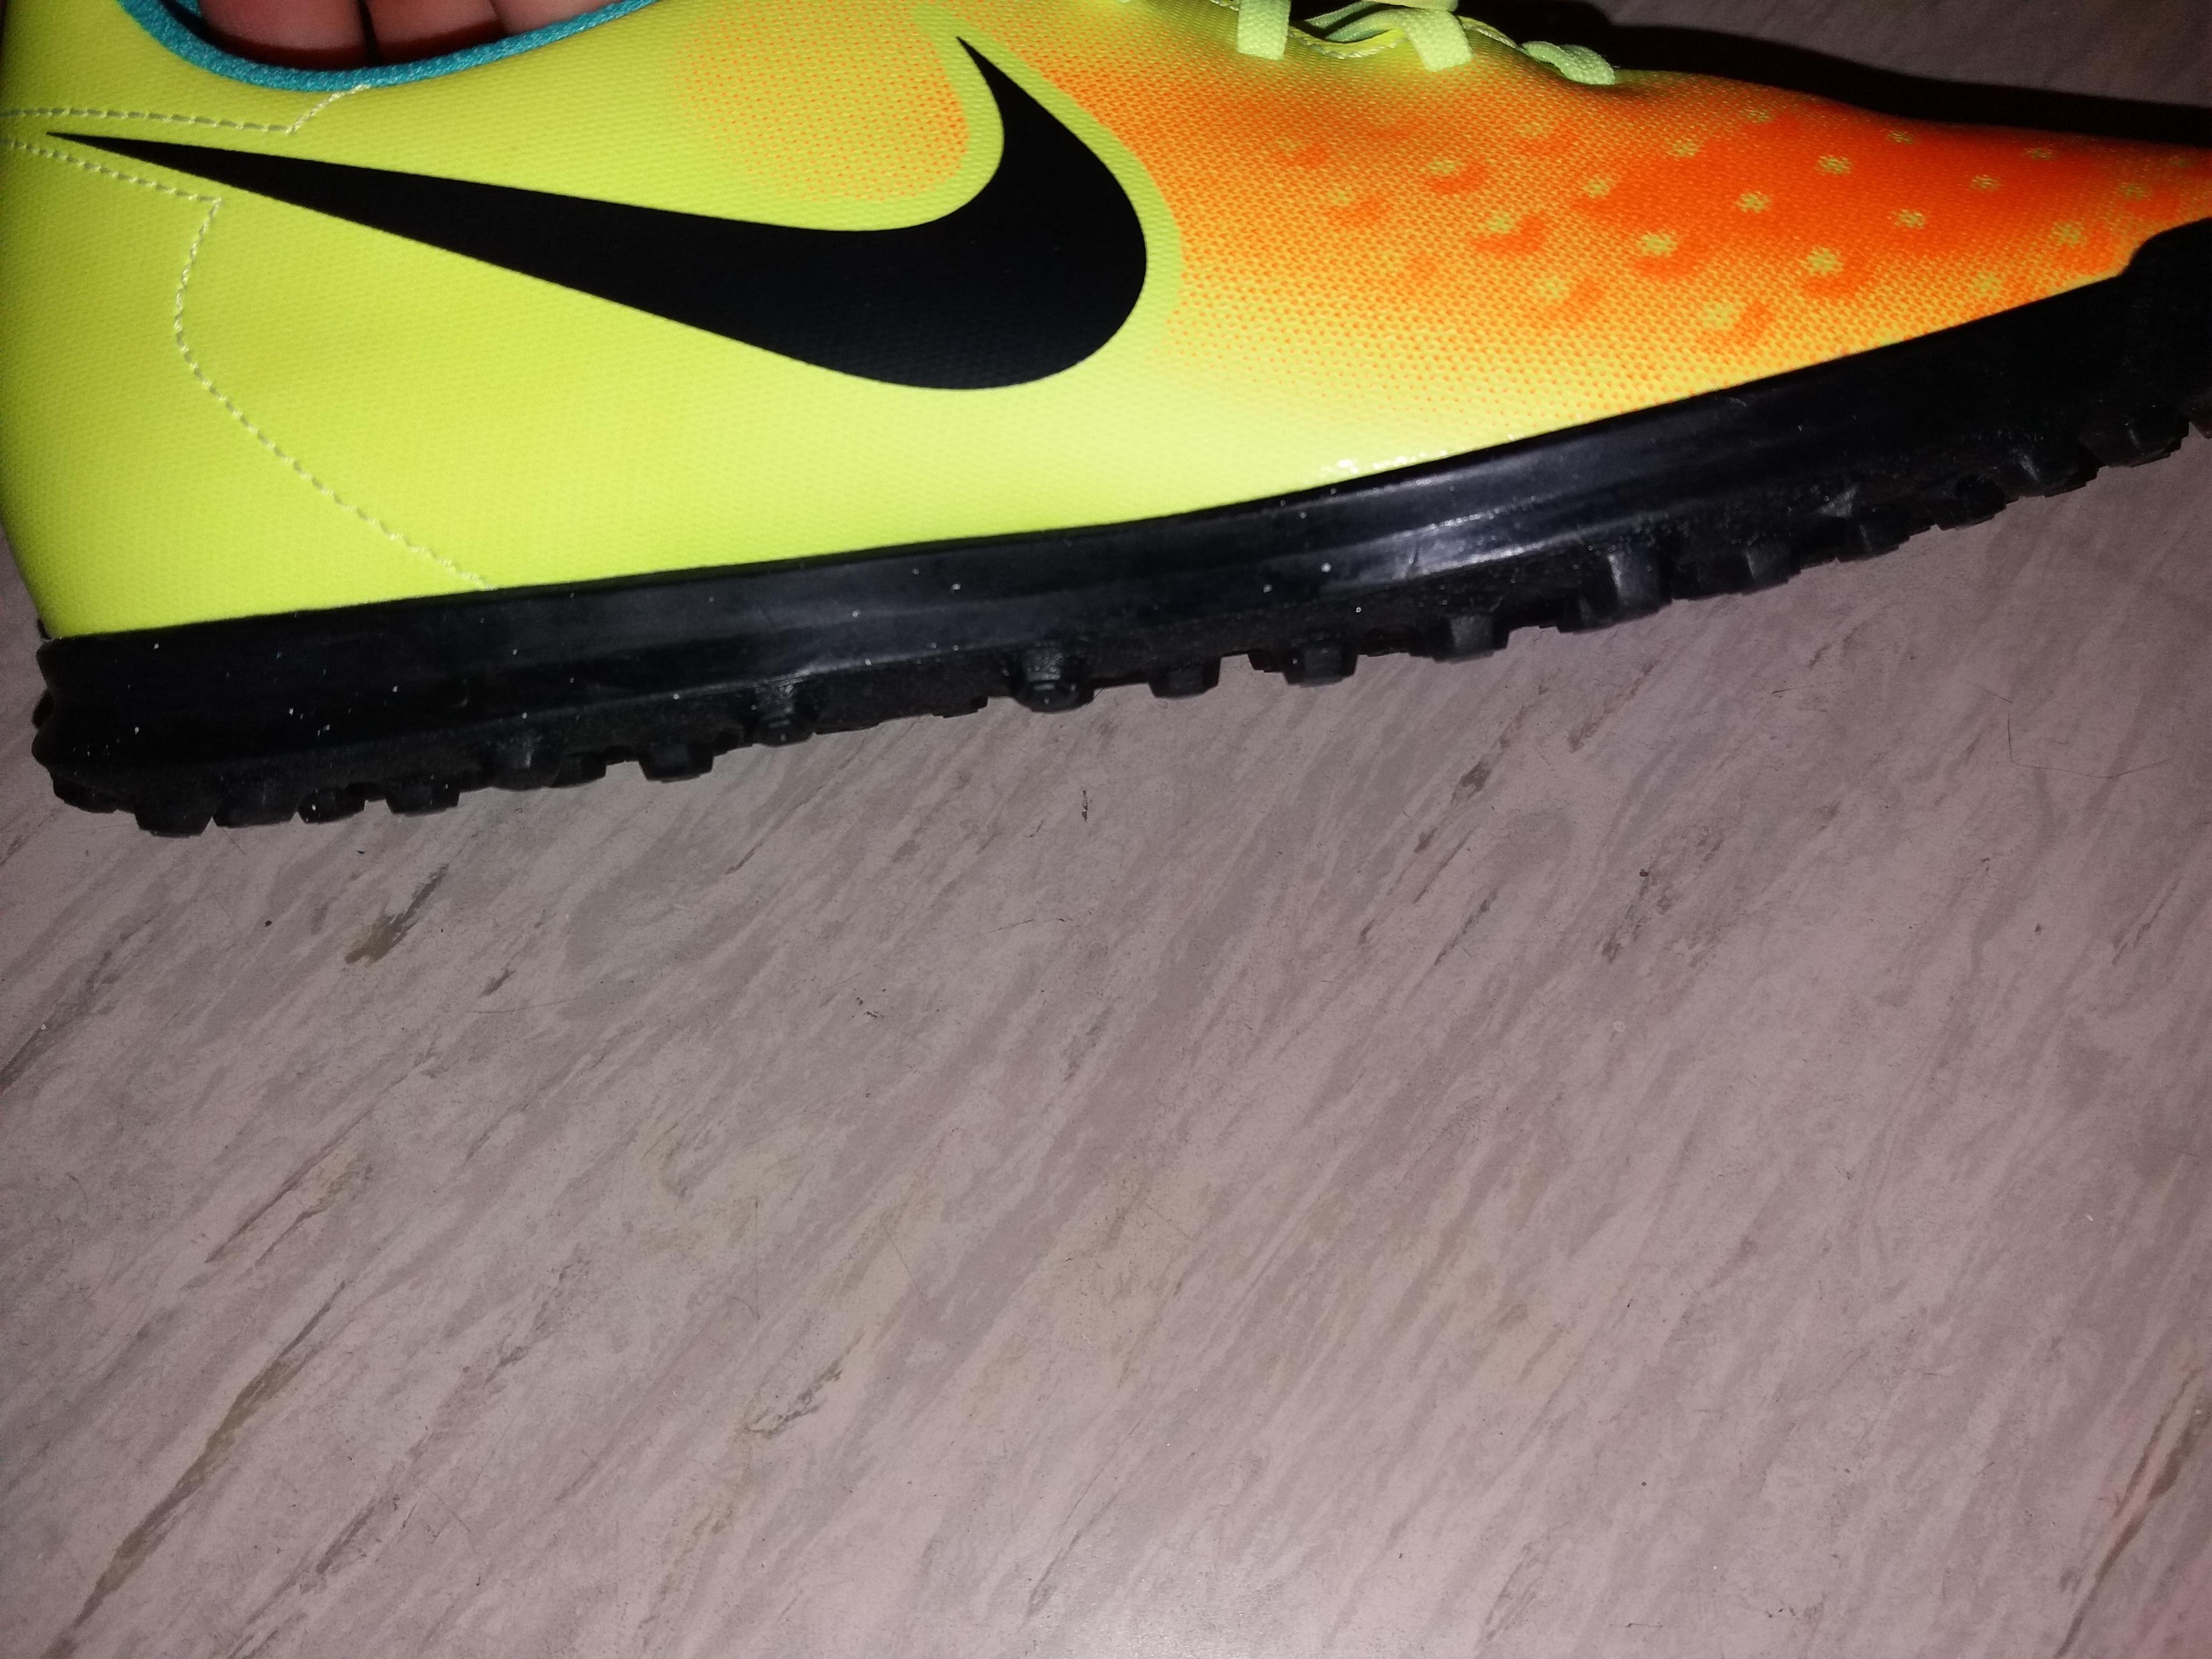 Sind die Schuhe für die Turnhalle geeignet? (Fußball